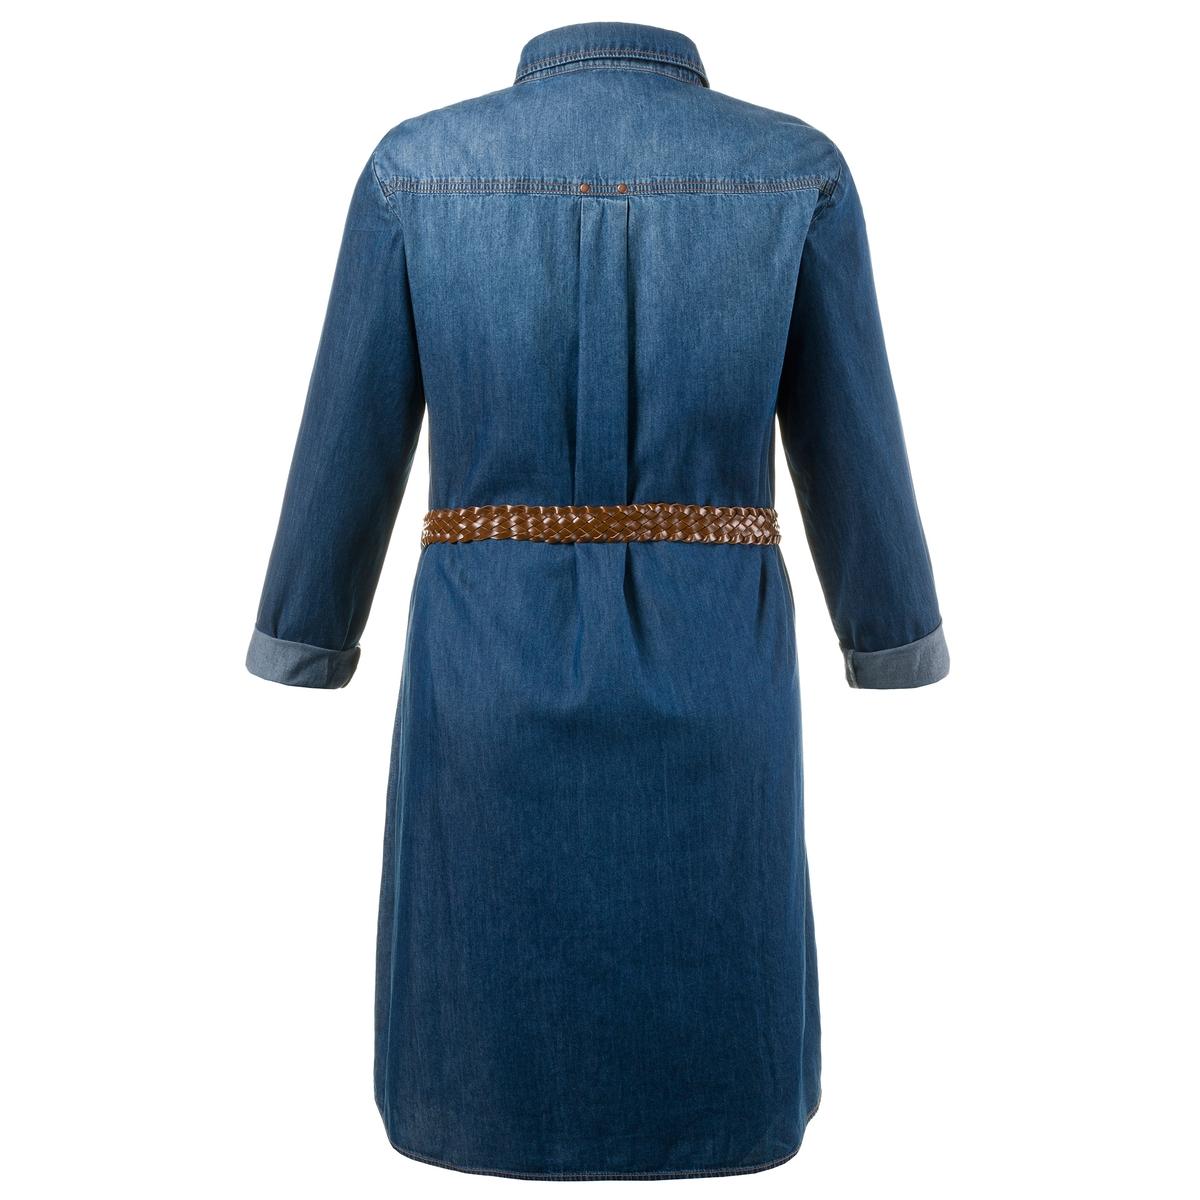 Платье из денимаПлатье из денима ULLA POPKEN. 100% хлопок. Очень мягкое платье из денима. Красивый линялый эффект и плетеный пояс на завязках. Традиционный рубашечный воротник, скрытая планка застёжки на пуговицы, нагрудный карман и длинные, закатывающиеся до размера 3/4, рукава. Длина ок. 100 см, начиная с размера 52/54 ок. 104 см<br><br>Цвет: синий джинсовый<br>Размер: 48/50 (FR) - 54/56 (RUS)